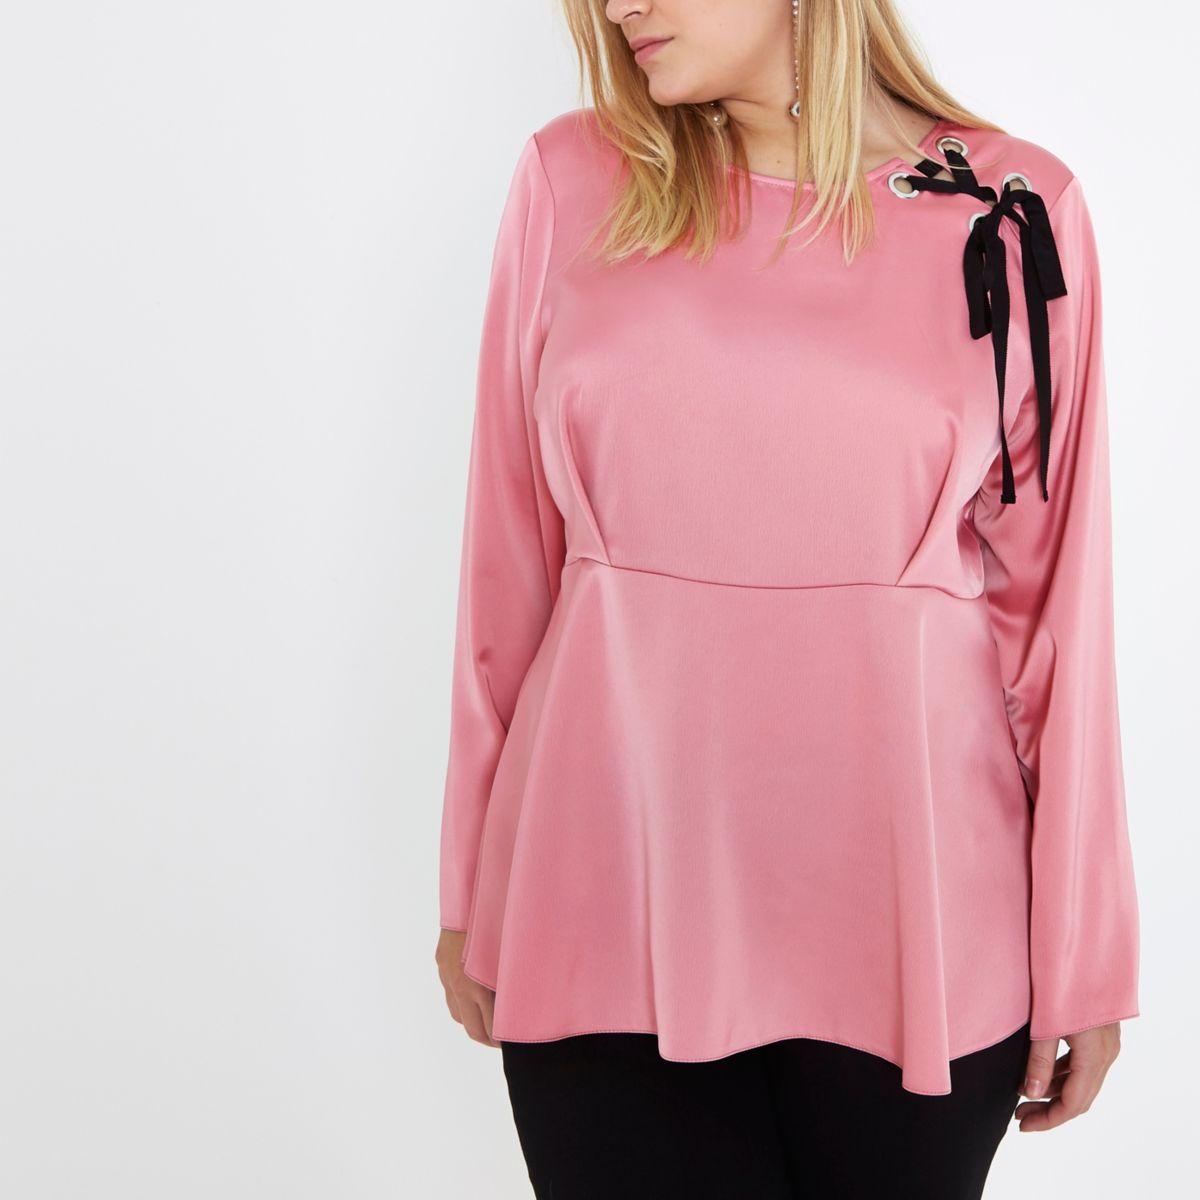 RI Plus - Roze blouse met peplum en vetersluiting op de schouder